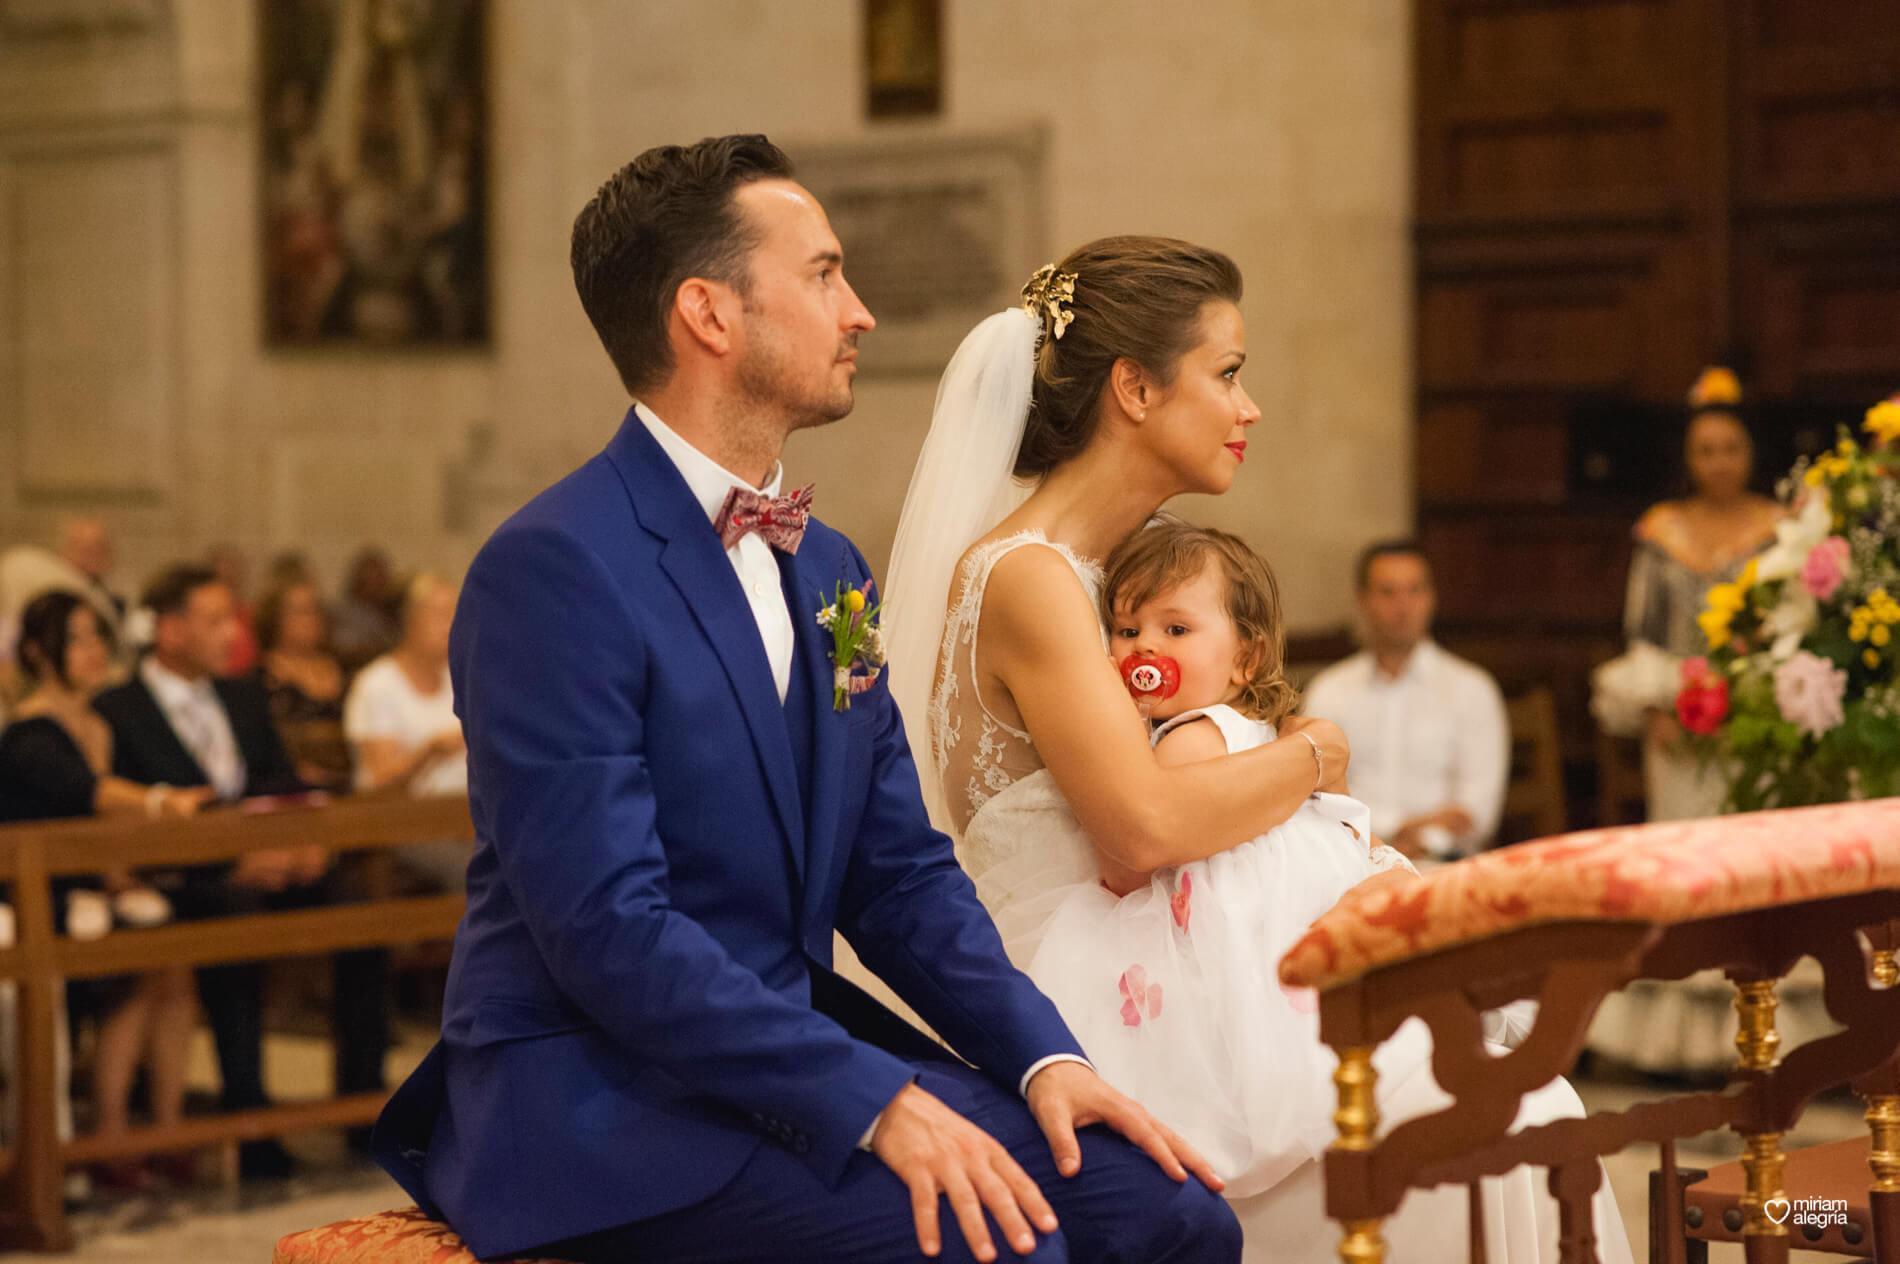 wedding-huerto-del-cura-elche-miriam-alegria-fotografos-boda-221